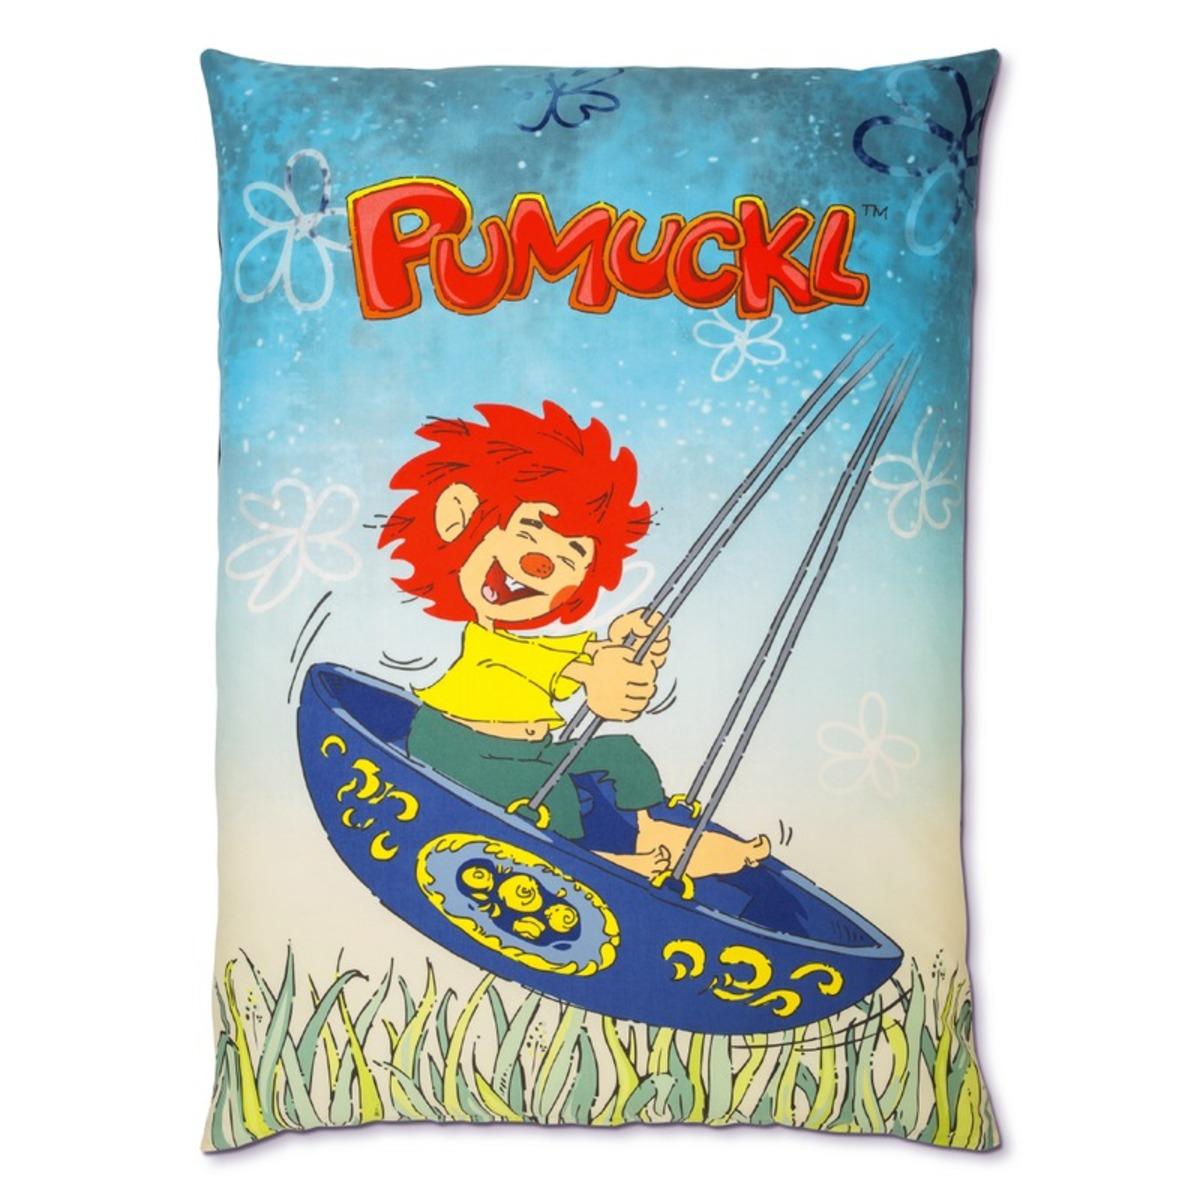 Bild 4 von Pumuckl Bettwäsche Pumuckl 135 x 200 cm